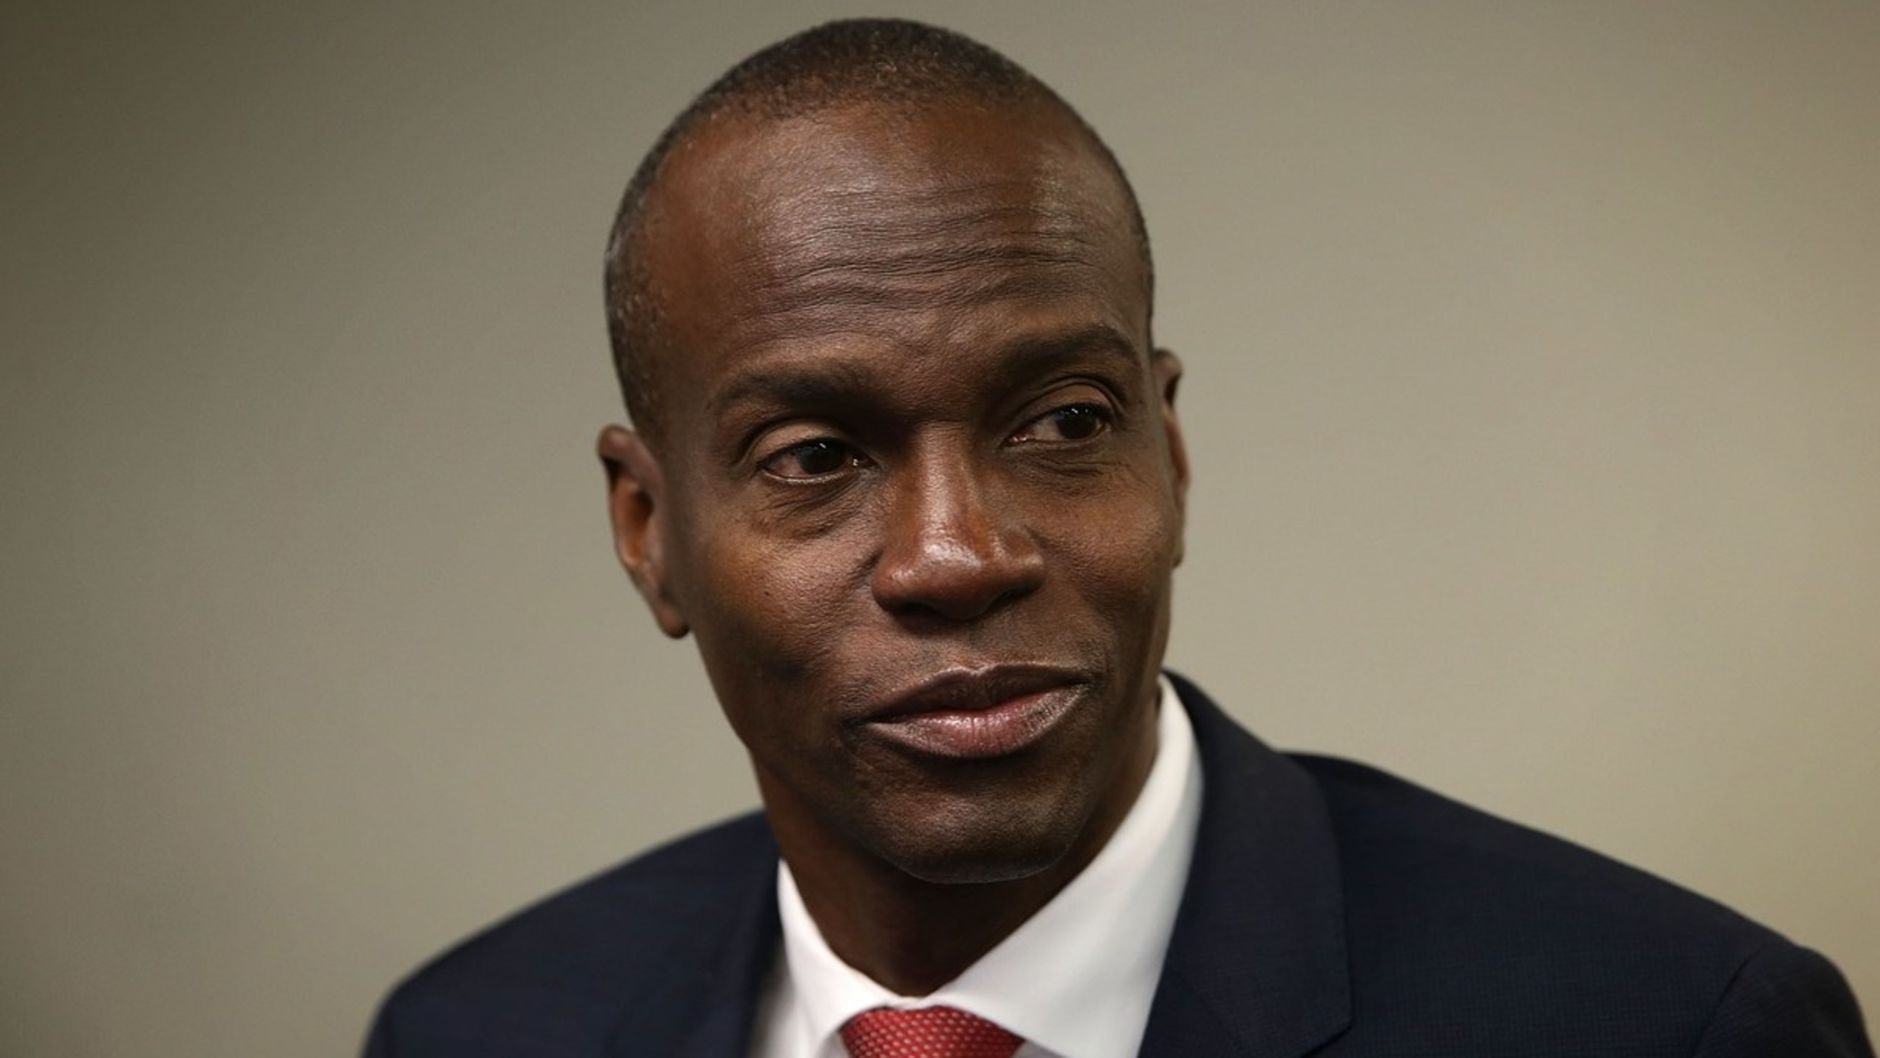 Le président de la république d'Haïti, Jovenel Moise. Crédit Photo: AFP